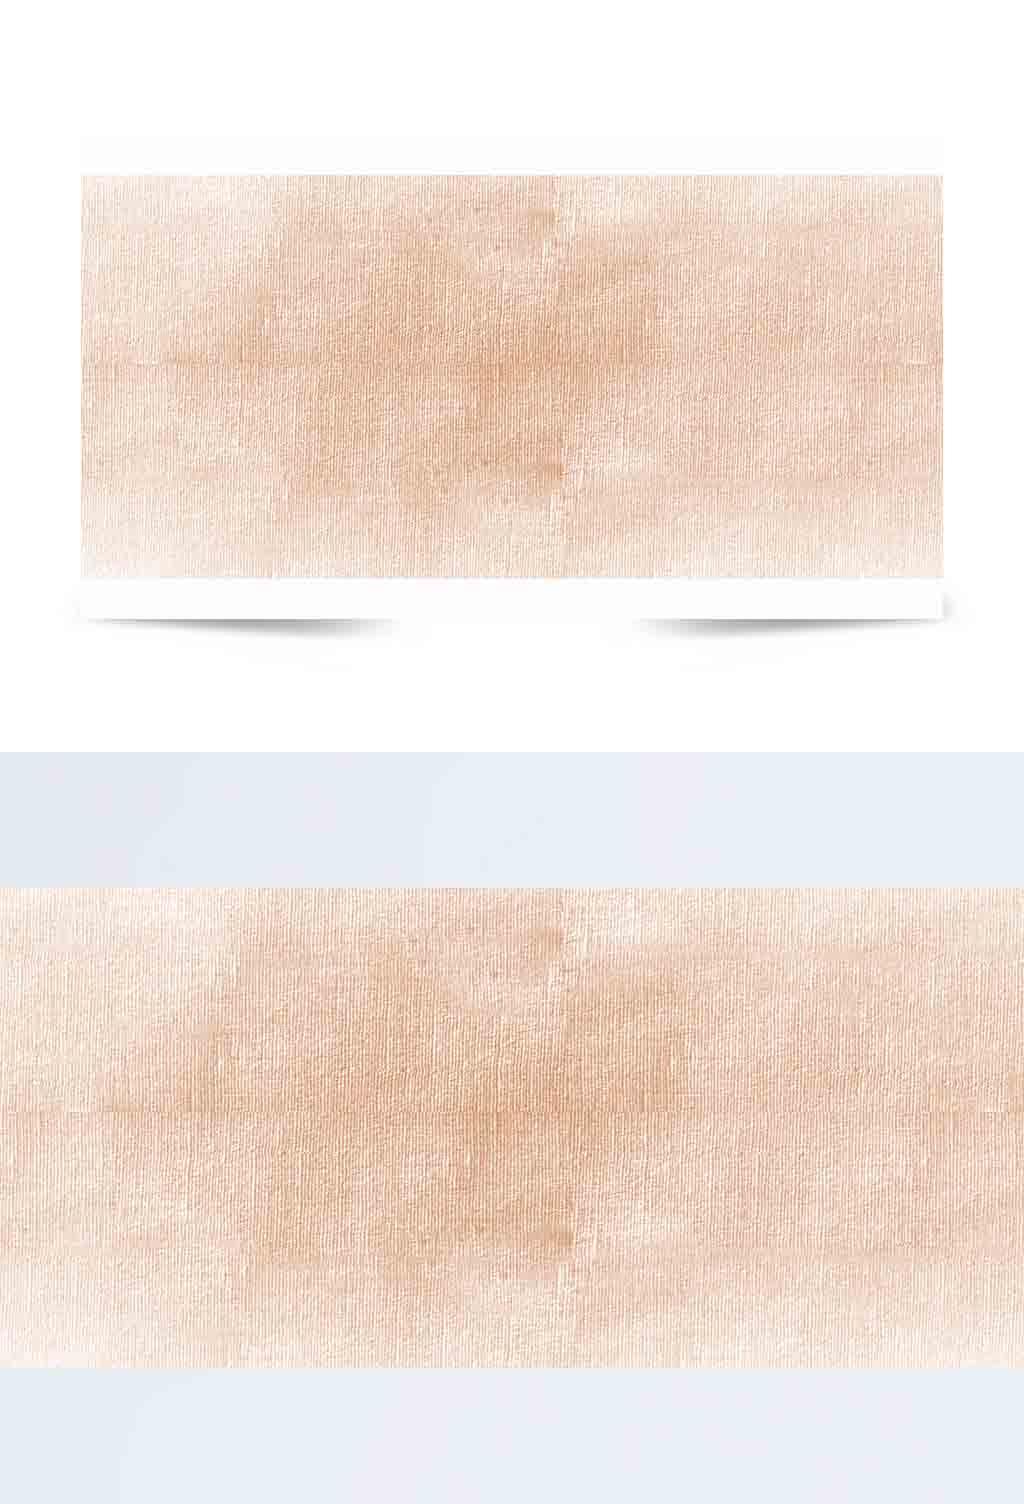 凹凸做旧纸质纹理背景